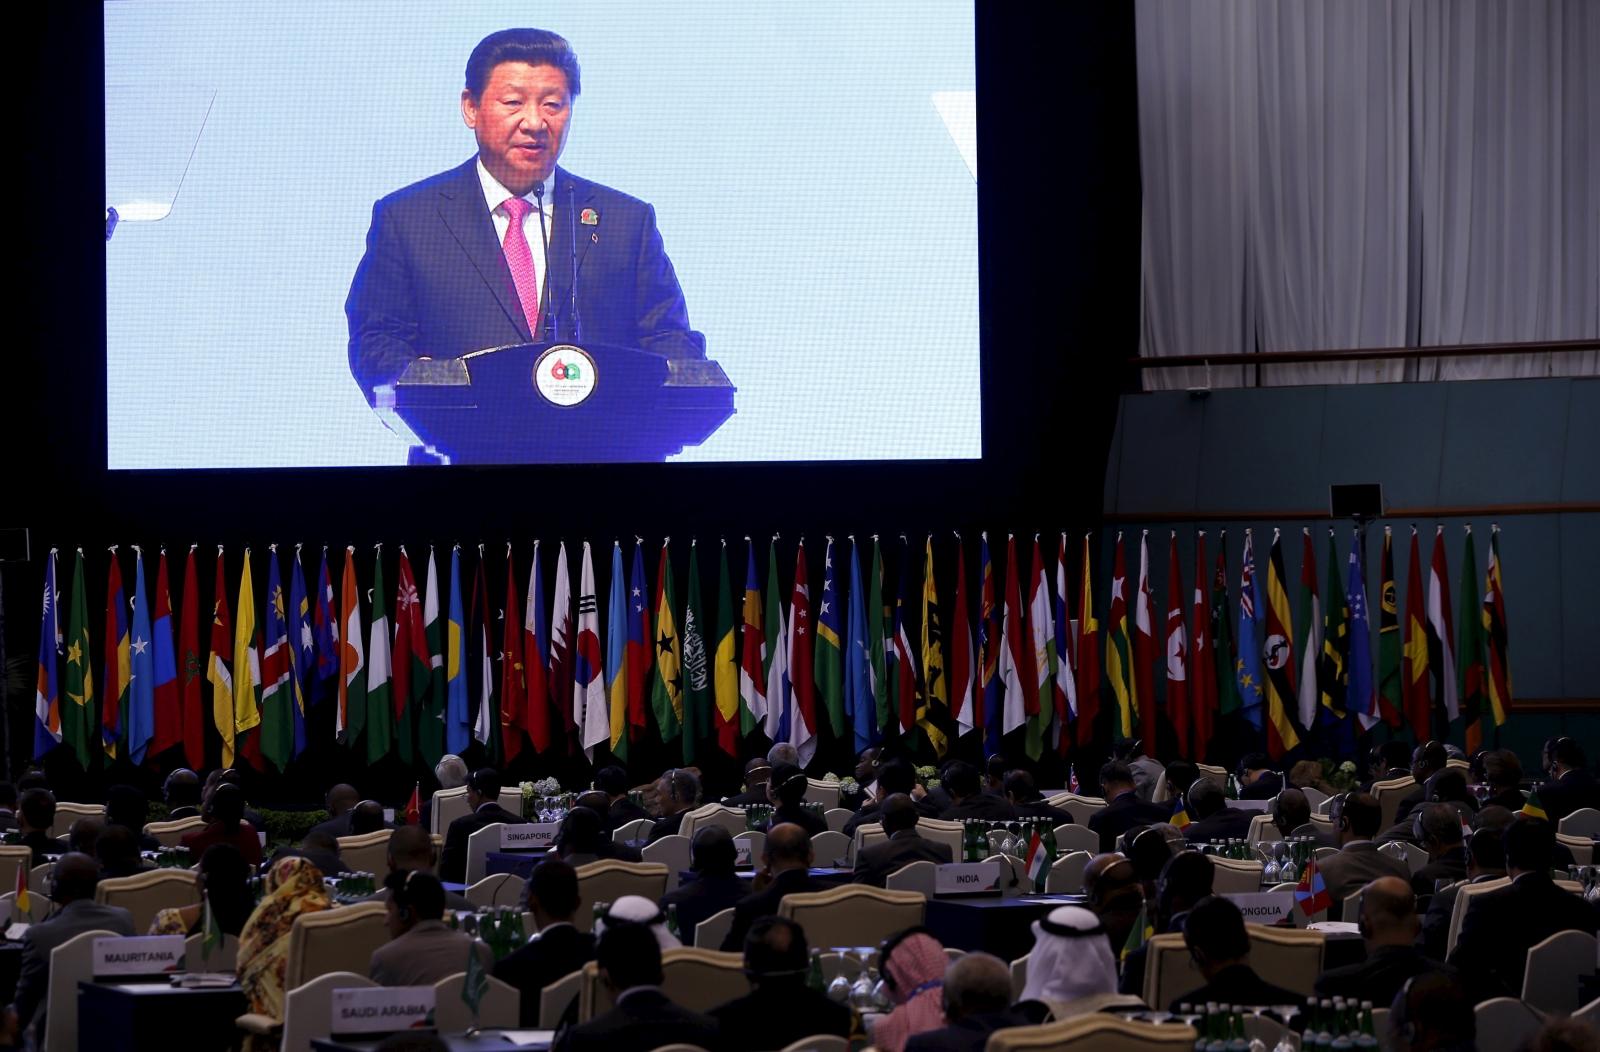 Asia Africa summit in Indonesia